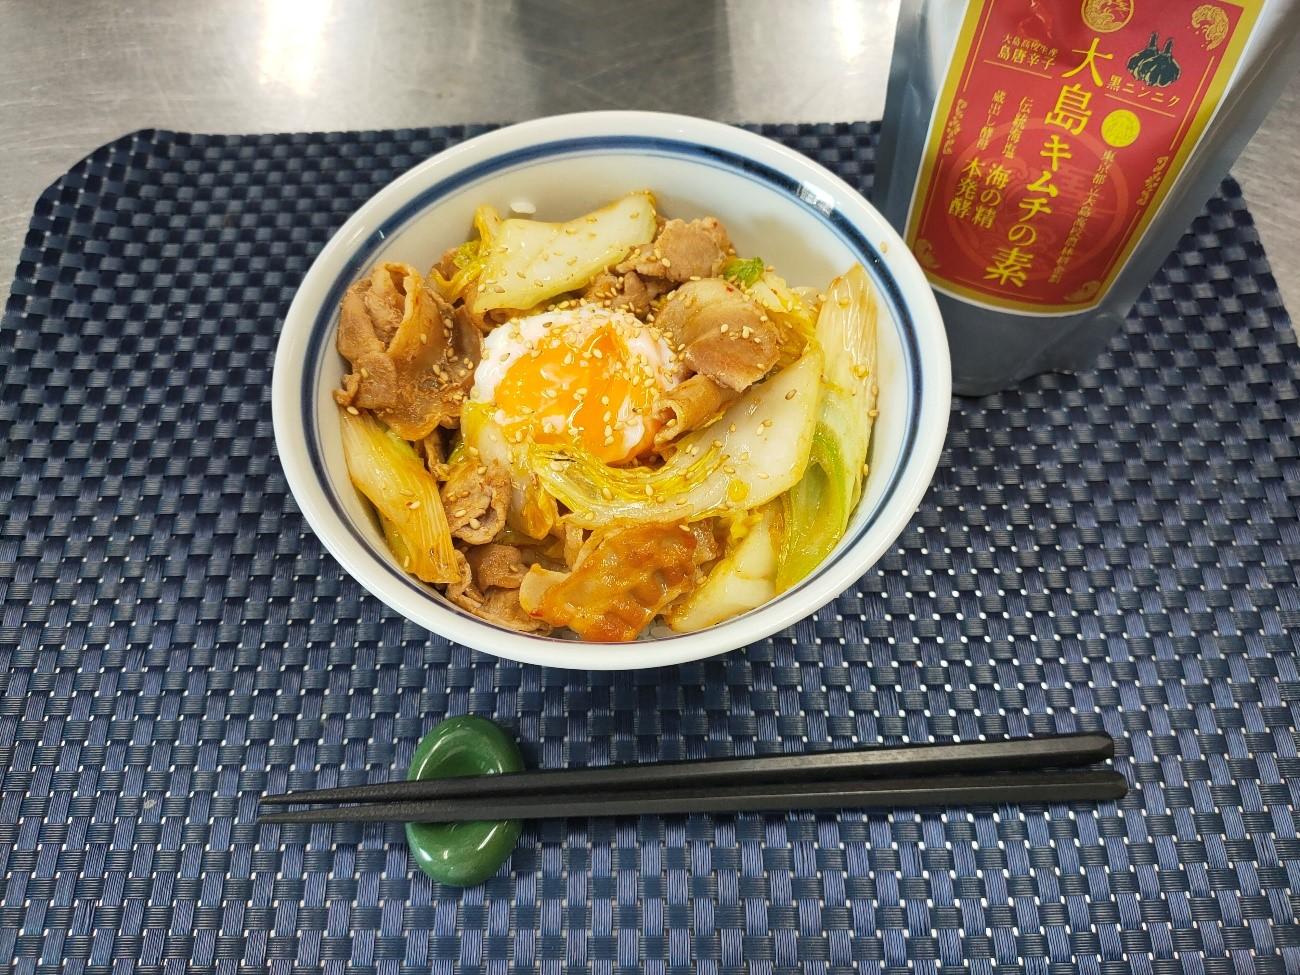 ウマ辛豚キムチ丼!